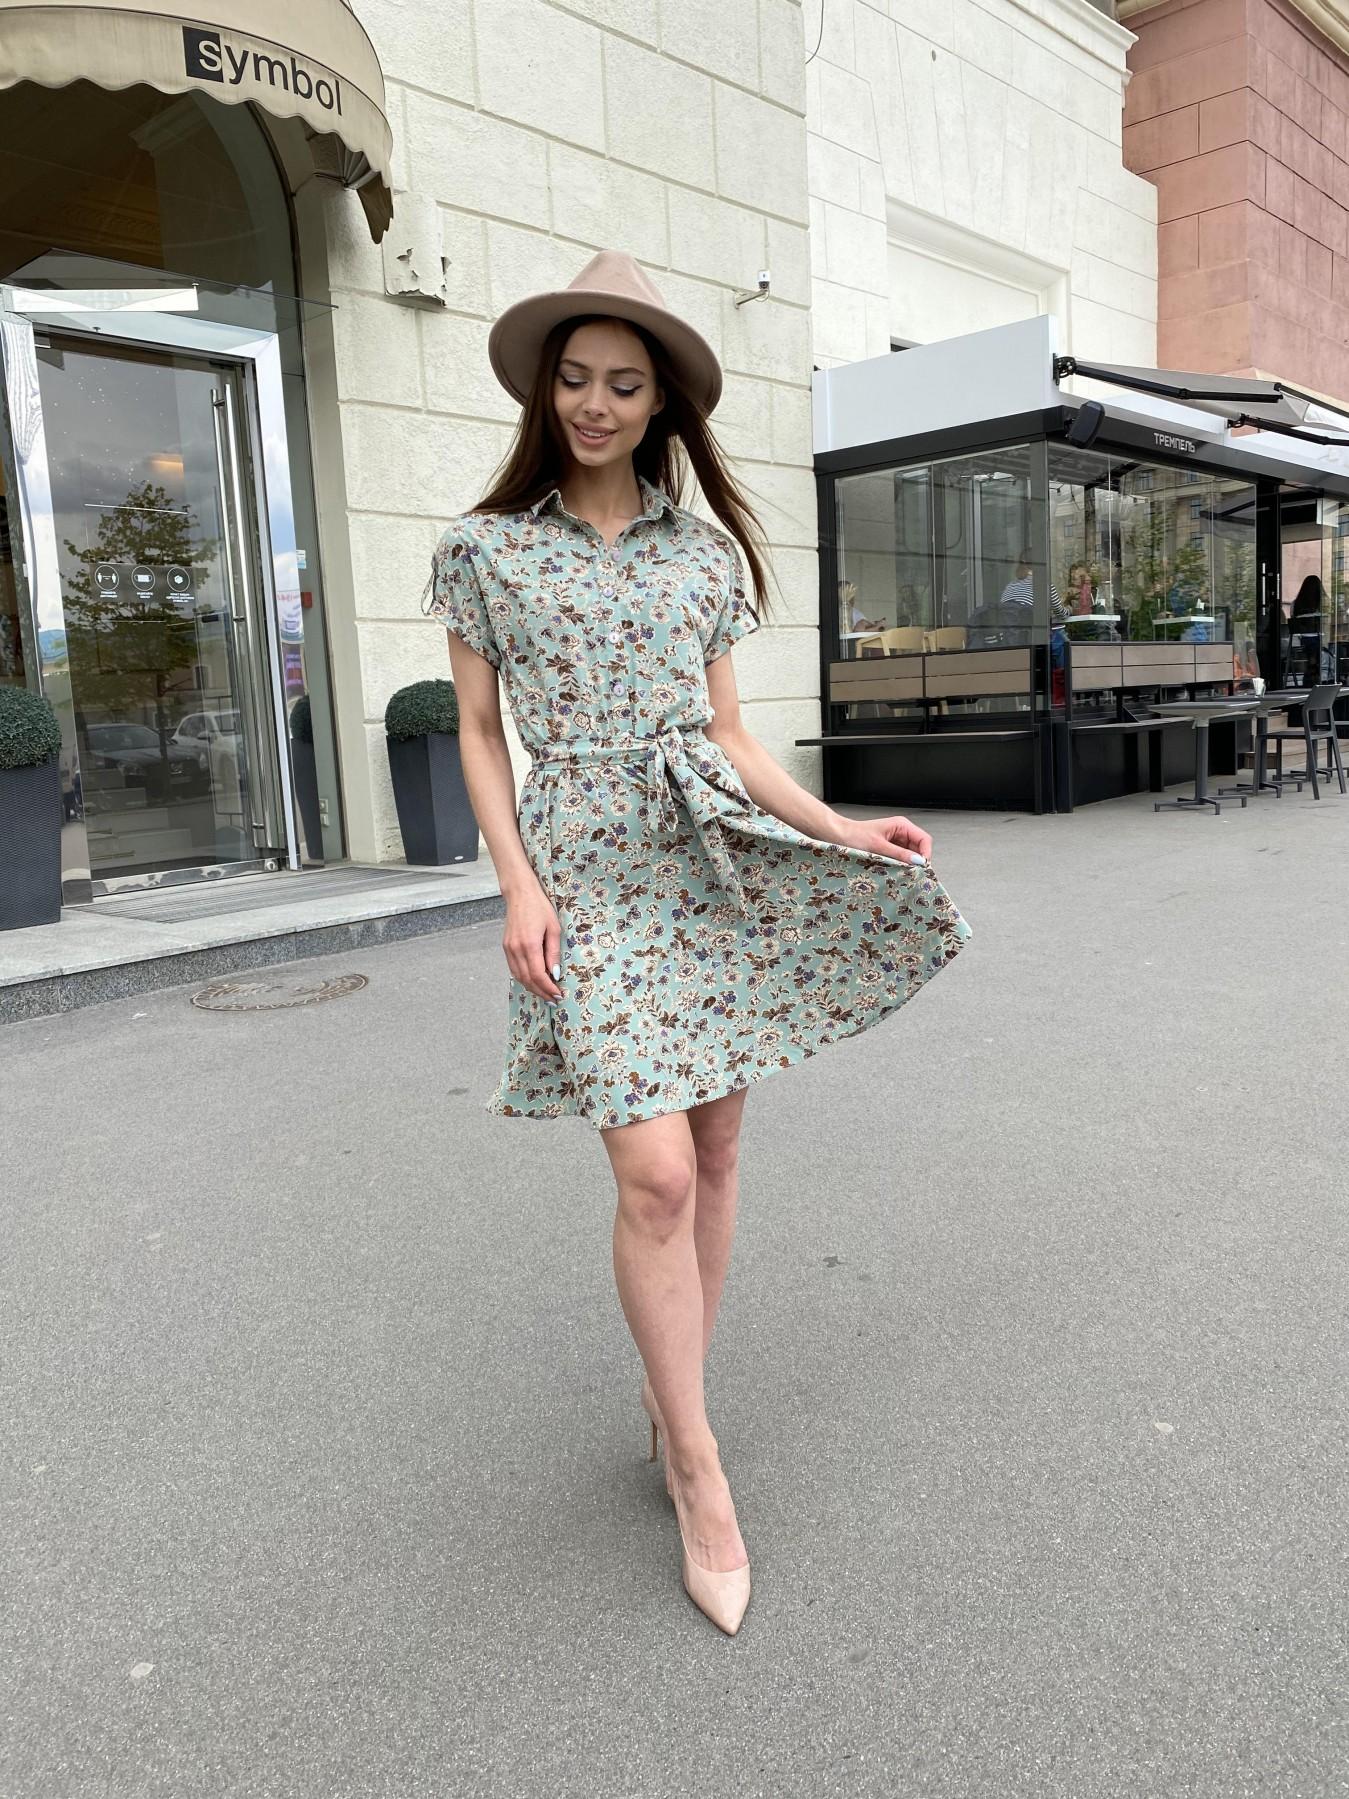 Санжар платье из ткани софт в принт 11215 АРТ. 47727 Цвет: Олива/бежевый, Цветы - фото 6, интернет магазин tm-modus.ru